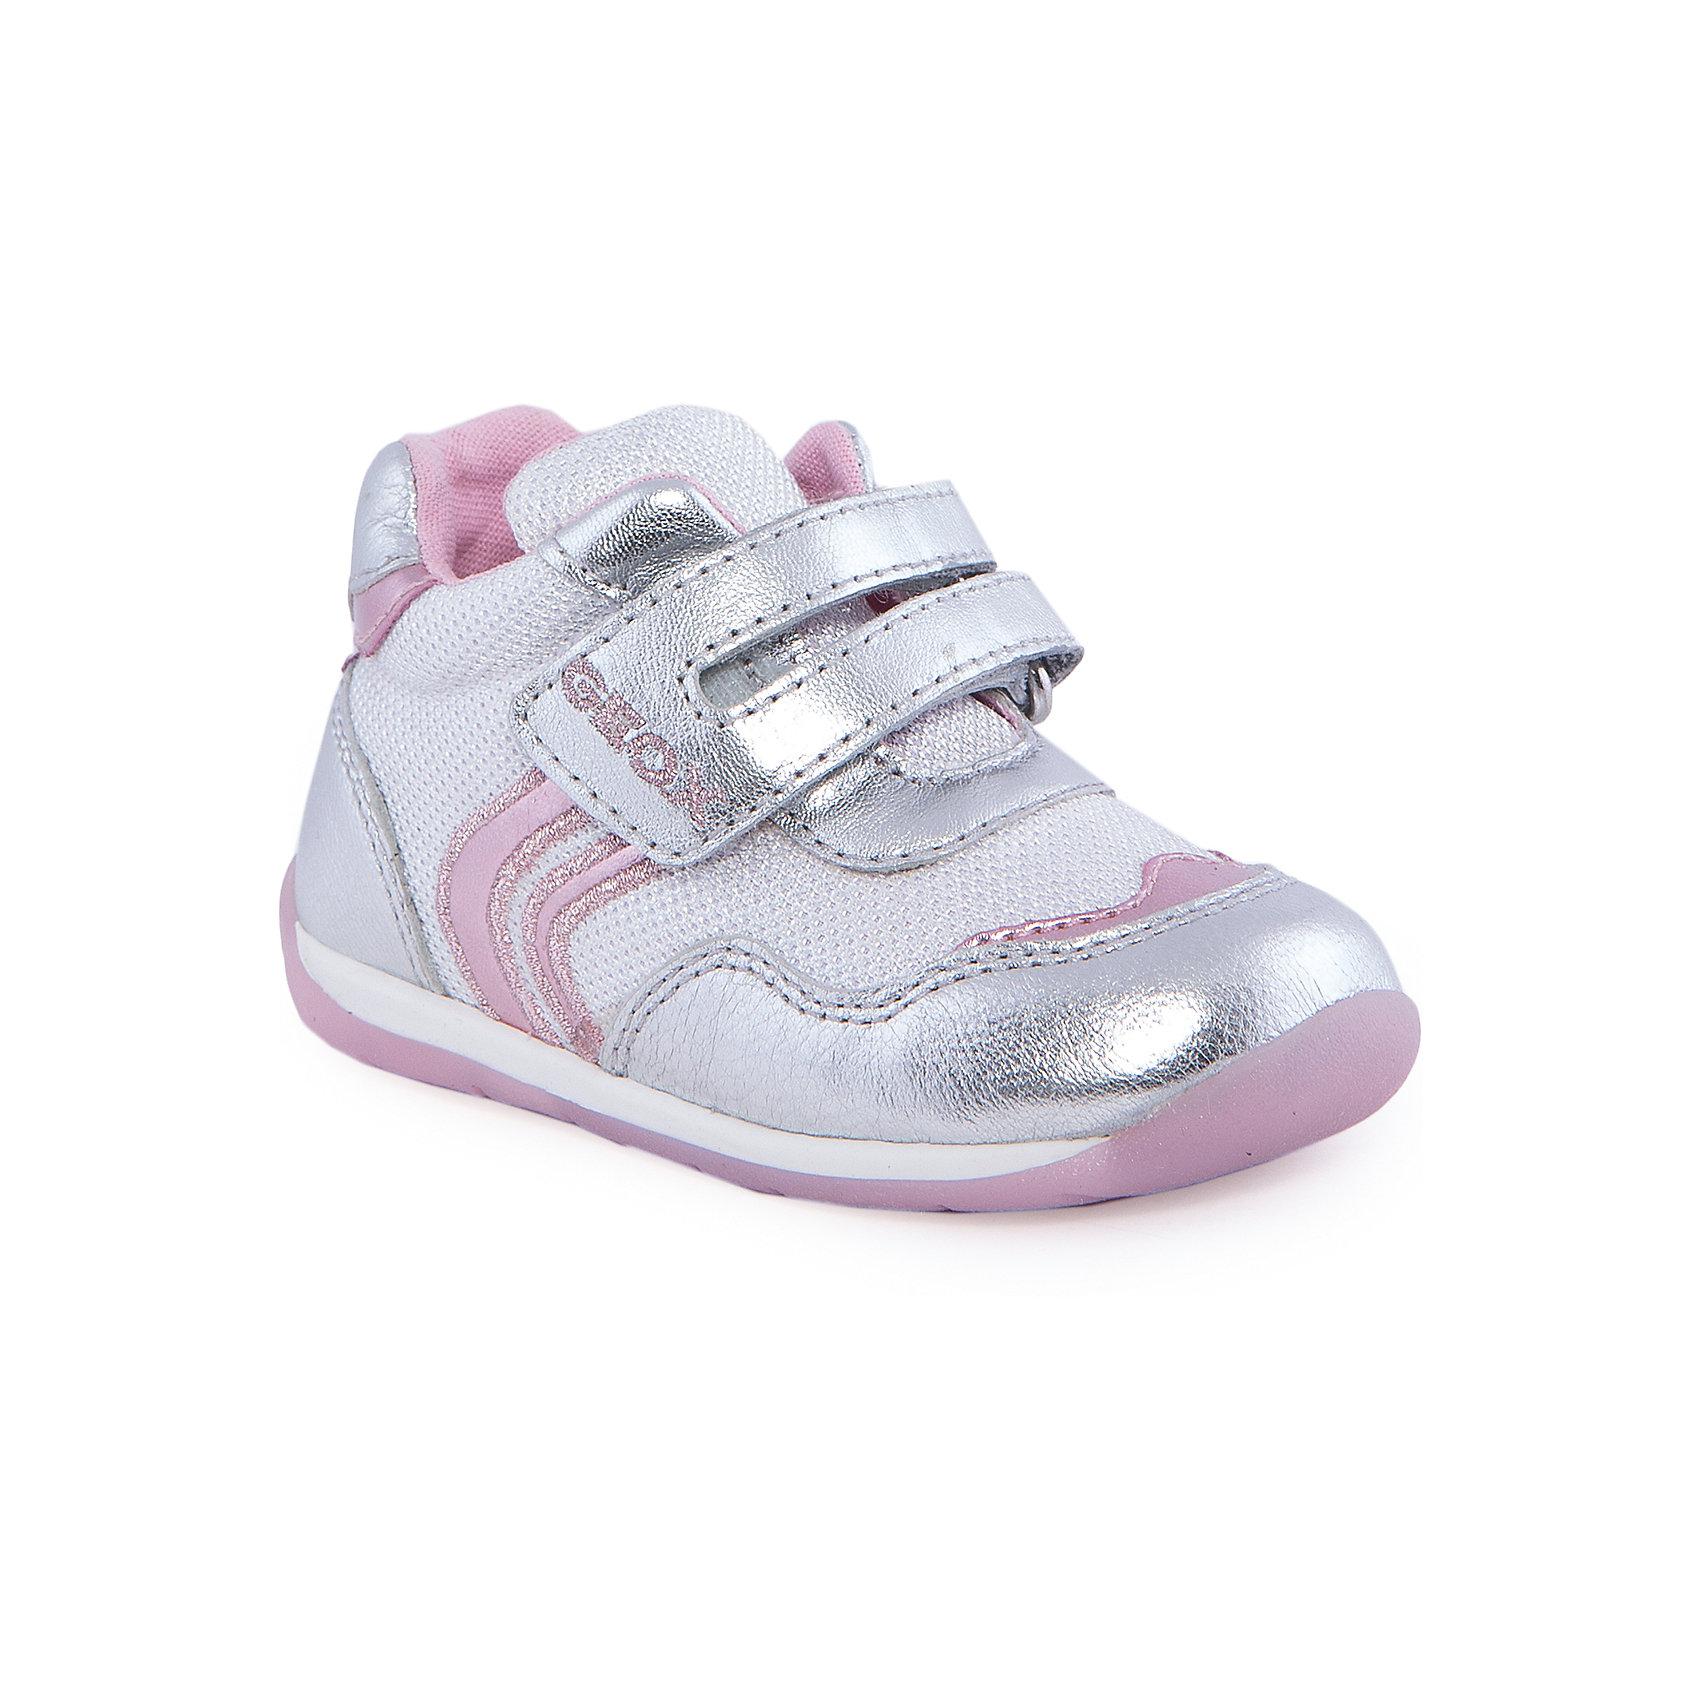 Кроссовки для девочки GEOXБотинки для девочки от популярной марки GEOX (Геокс).<br><br>Блестящие модные ботинки - отличная обувь для нового летнего сезона. Эта модель создана специально для девочек, она очень стильно и оригинально смотрится.<br>Производитель обуви заботится не только о внешнем виде, но и стабильно высоком качестве продукции. GEOX (Геокс) разработал специальную высокотехнологичную стельку. Вся обувь делается только из качественных и надежных материалов.<br><br>Отличительные особенности модели:<br><br>- цвет: белый;<br>- декорирована блестящими вставками;<br>- устойчивая прочная подошва;<br>- мягкий и легкий верх;<br>- защита пятки и пальцев;<br>- стильный дизайн;<br>- анатомическая антибактериальная стелька;<br>- удобные застежки - липучки;<br>- технология Geox Respira, позволяющая ноге дышать;<br>- комфортное облегание.<br><br>Дополнительная информация:<br><br>- Сезон: весна/лето.<br><br>- Состав:<br><br>материал верха: текстиль, кожа;<br>стелька: натуральная кожа;<br>подошва: полимер.<br><br>Ботинки для девочки GEOX (Геокс) можно купить в нашем магазине.<br><br>Ширина мм: 262<br>Глубина мм: 176<br>Высота мм: 97<br>Вес г: 427<br>Цвет: белый<br>Возраст от месяцев: 21<br>Возраст до месяцев: 24<br>Пол: Женский<br>Возраст: Детский<br>Размер: 24,25,23,21,22<br>SKU: 4519218